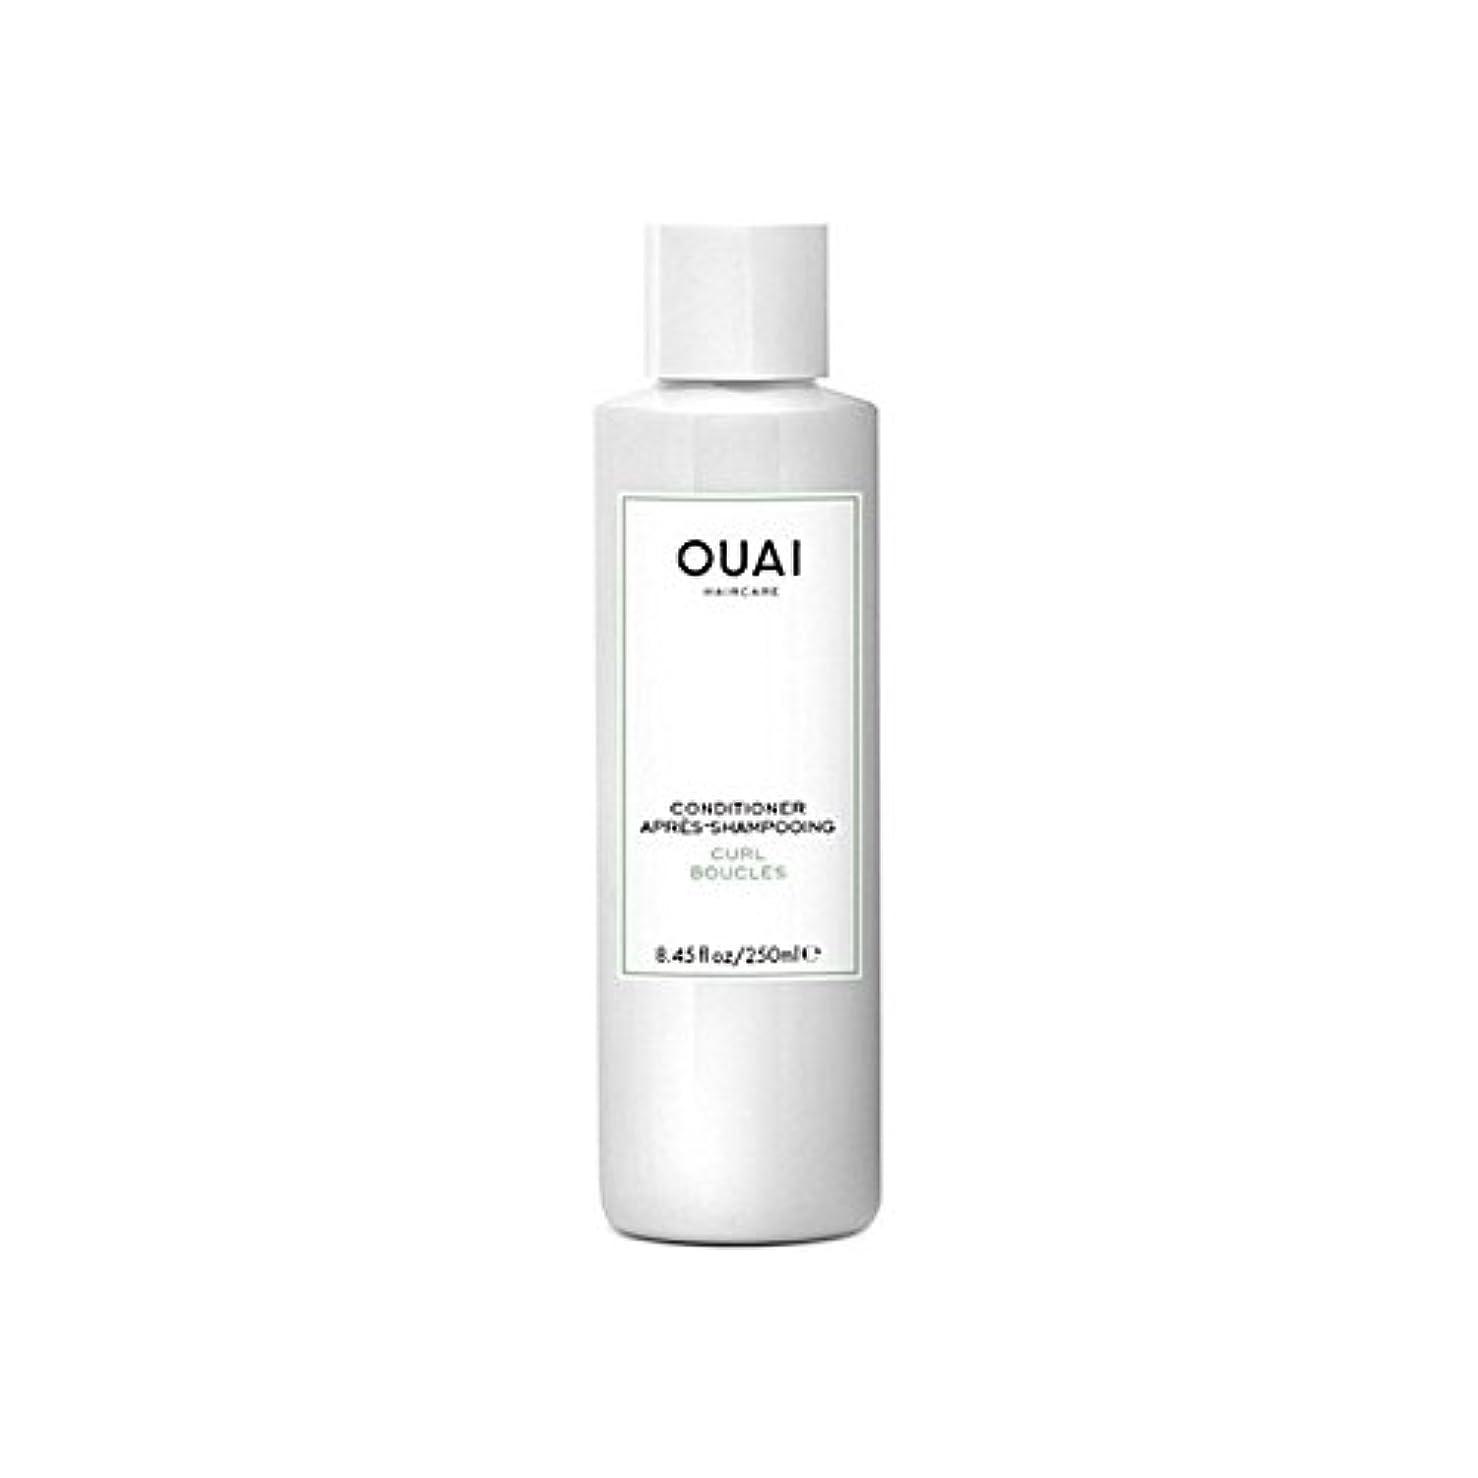 シダええ隙間Ouai Curl Conditioner 250ml - カールコンディショナー250 [並行輸入品]